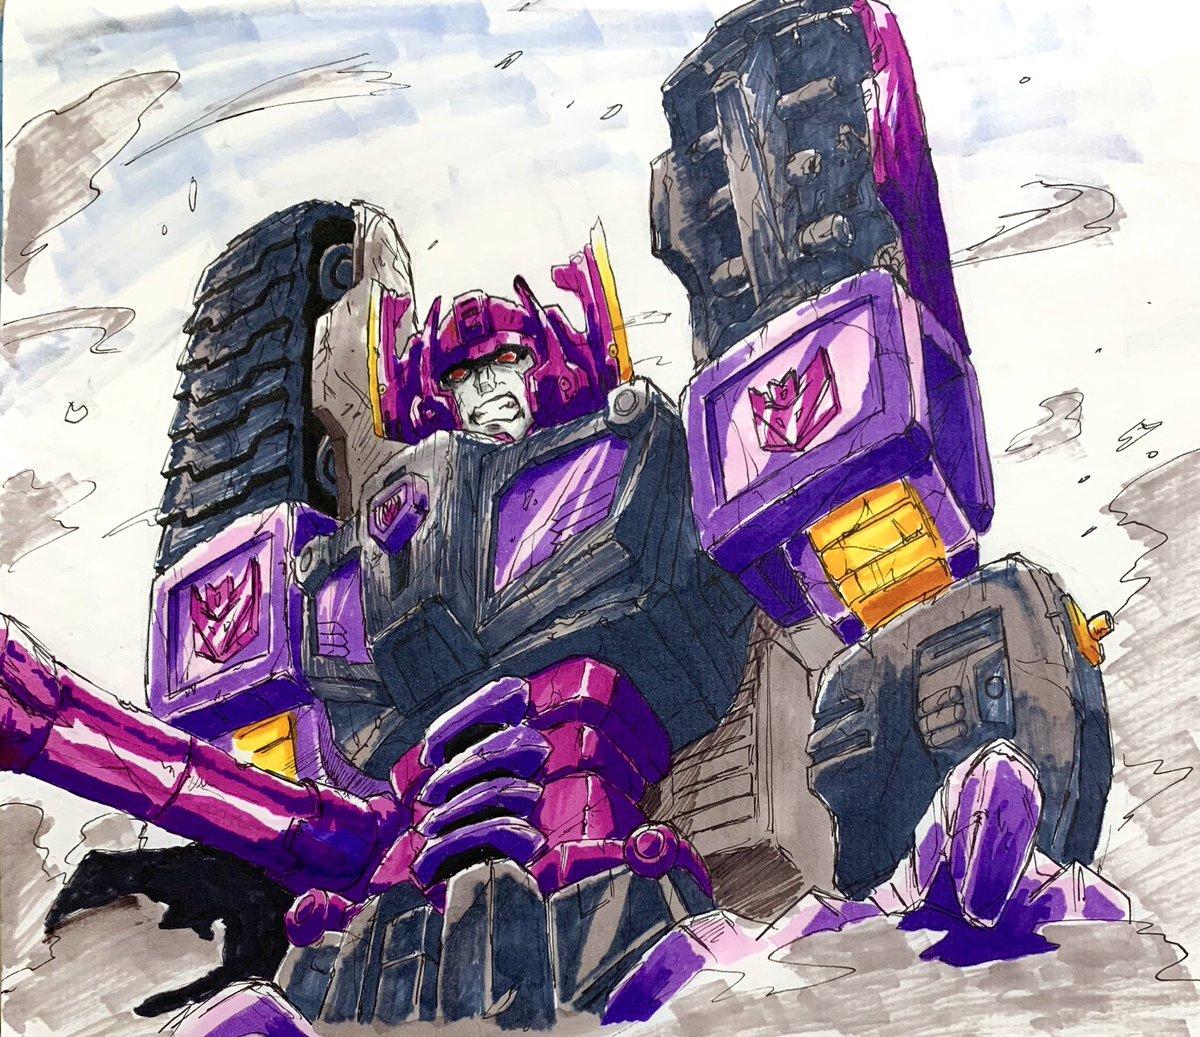 頭の色間違えたけどマイクロン伝説のメガトロン  #俺のダメージフェチを見せてやる #トランスフォーマー #transformers #マイクロン伝説 #ARMADA #メガトロン #Megatron #イラスト #絵描きさんと繋がりたい #イラスト好きな人と繋がりたい